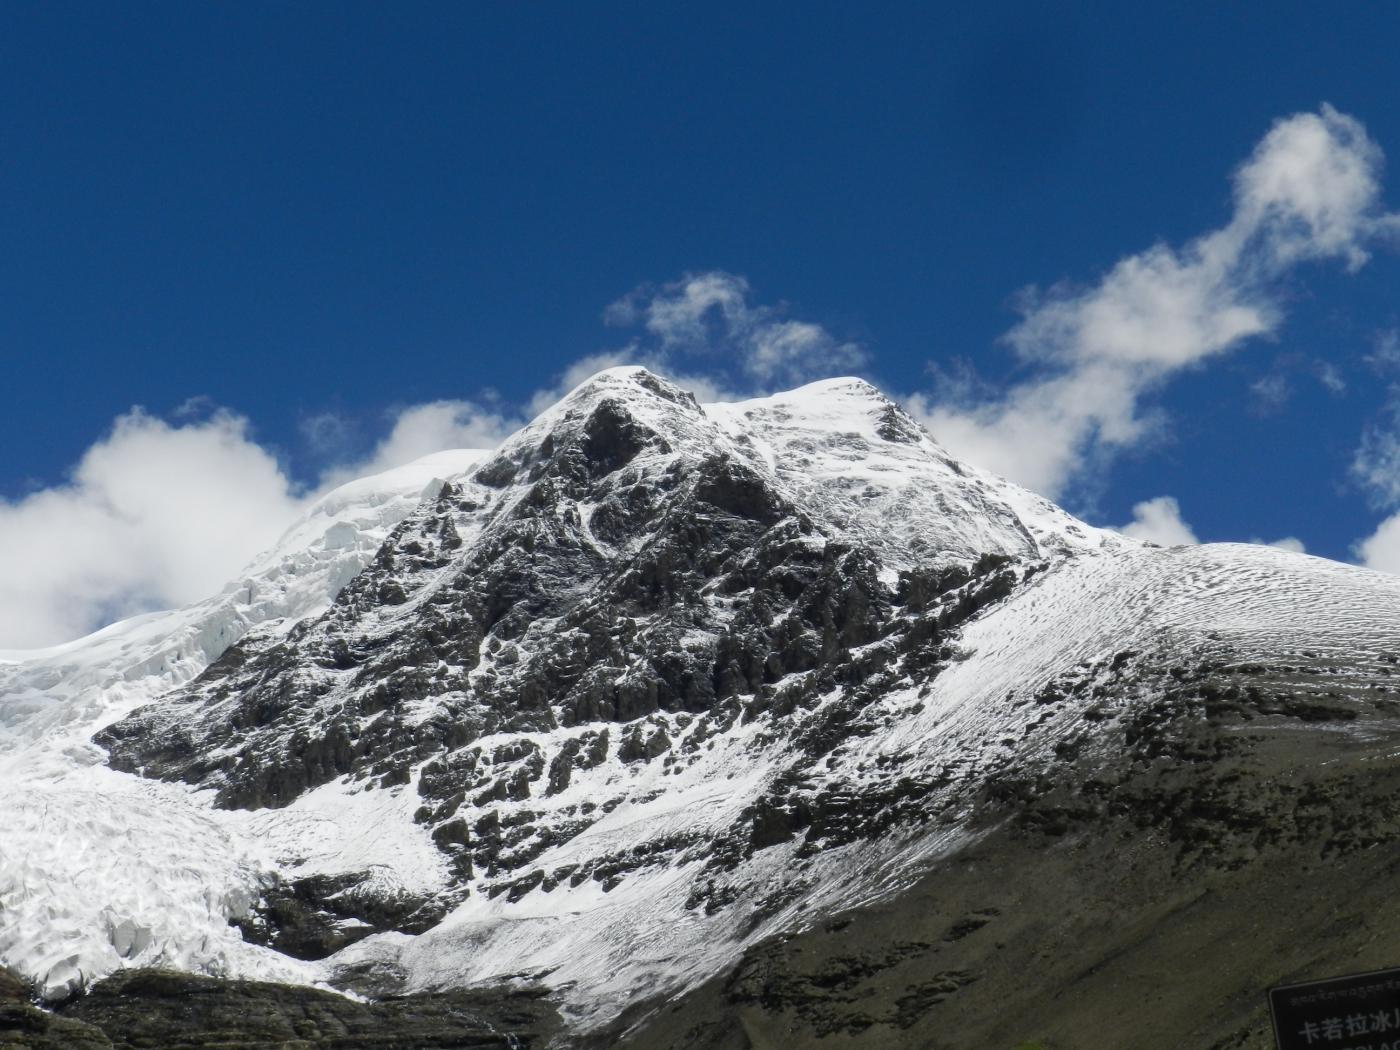 [汉良子]西藏四大雪山之一乃钦